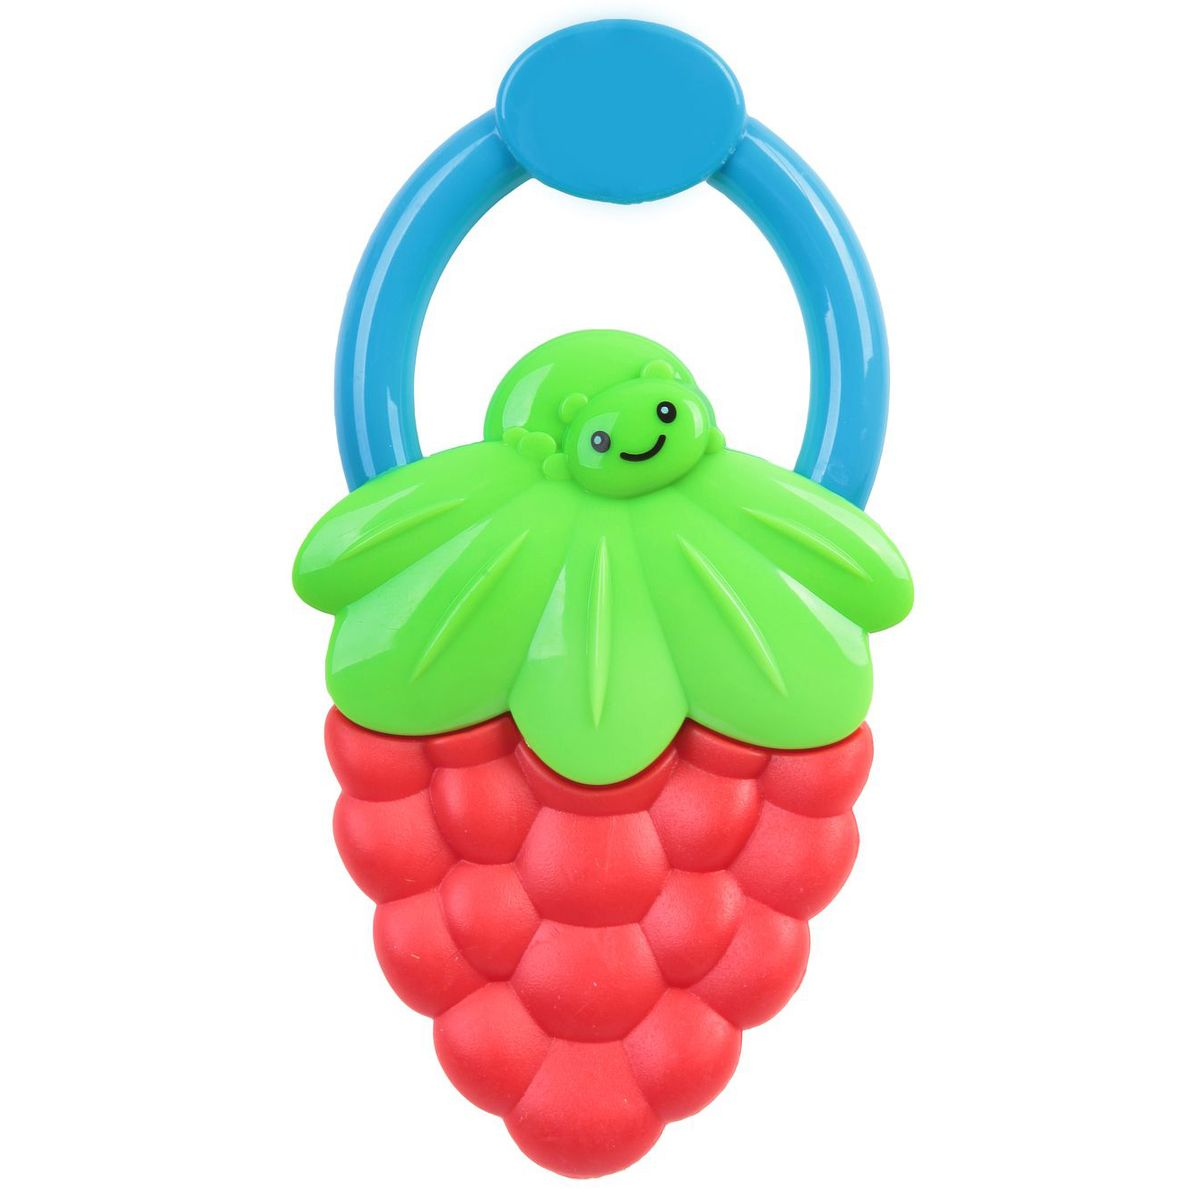 Bondibon Погремушка Ягодка цвет красный зеленый bondibon копилка в технике декопатч сердечко